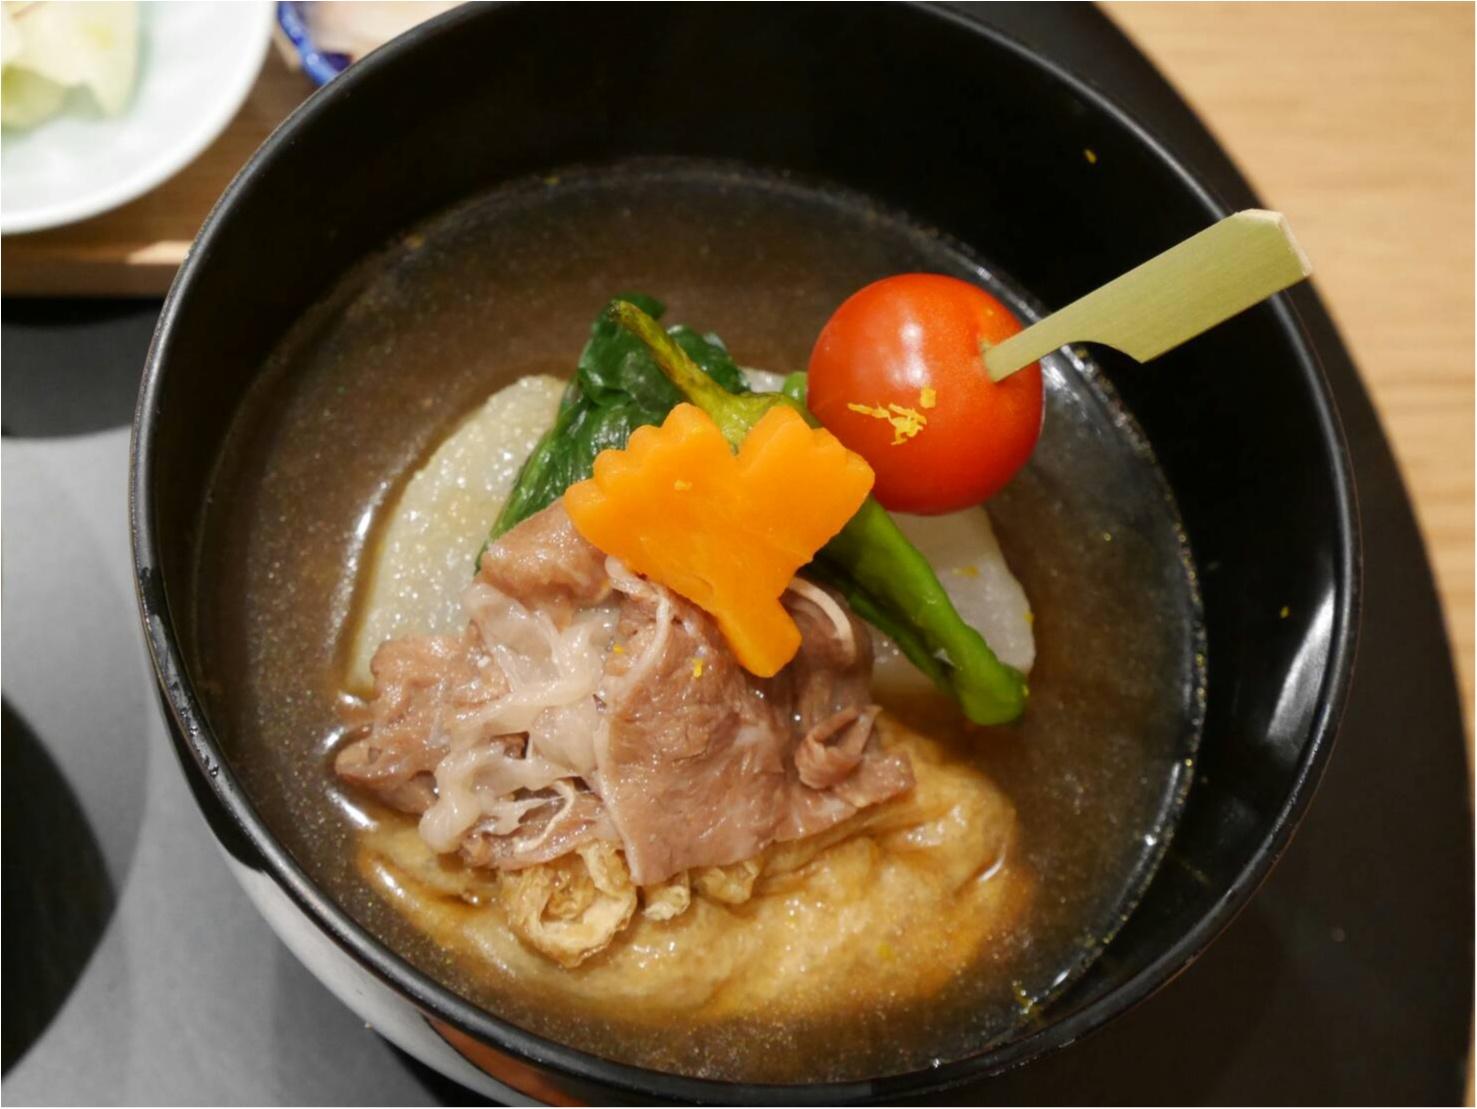 スープストックトーキョーが和食のお店「おだし東京」をはじめました。_8